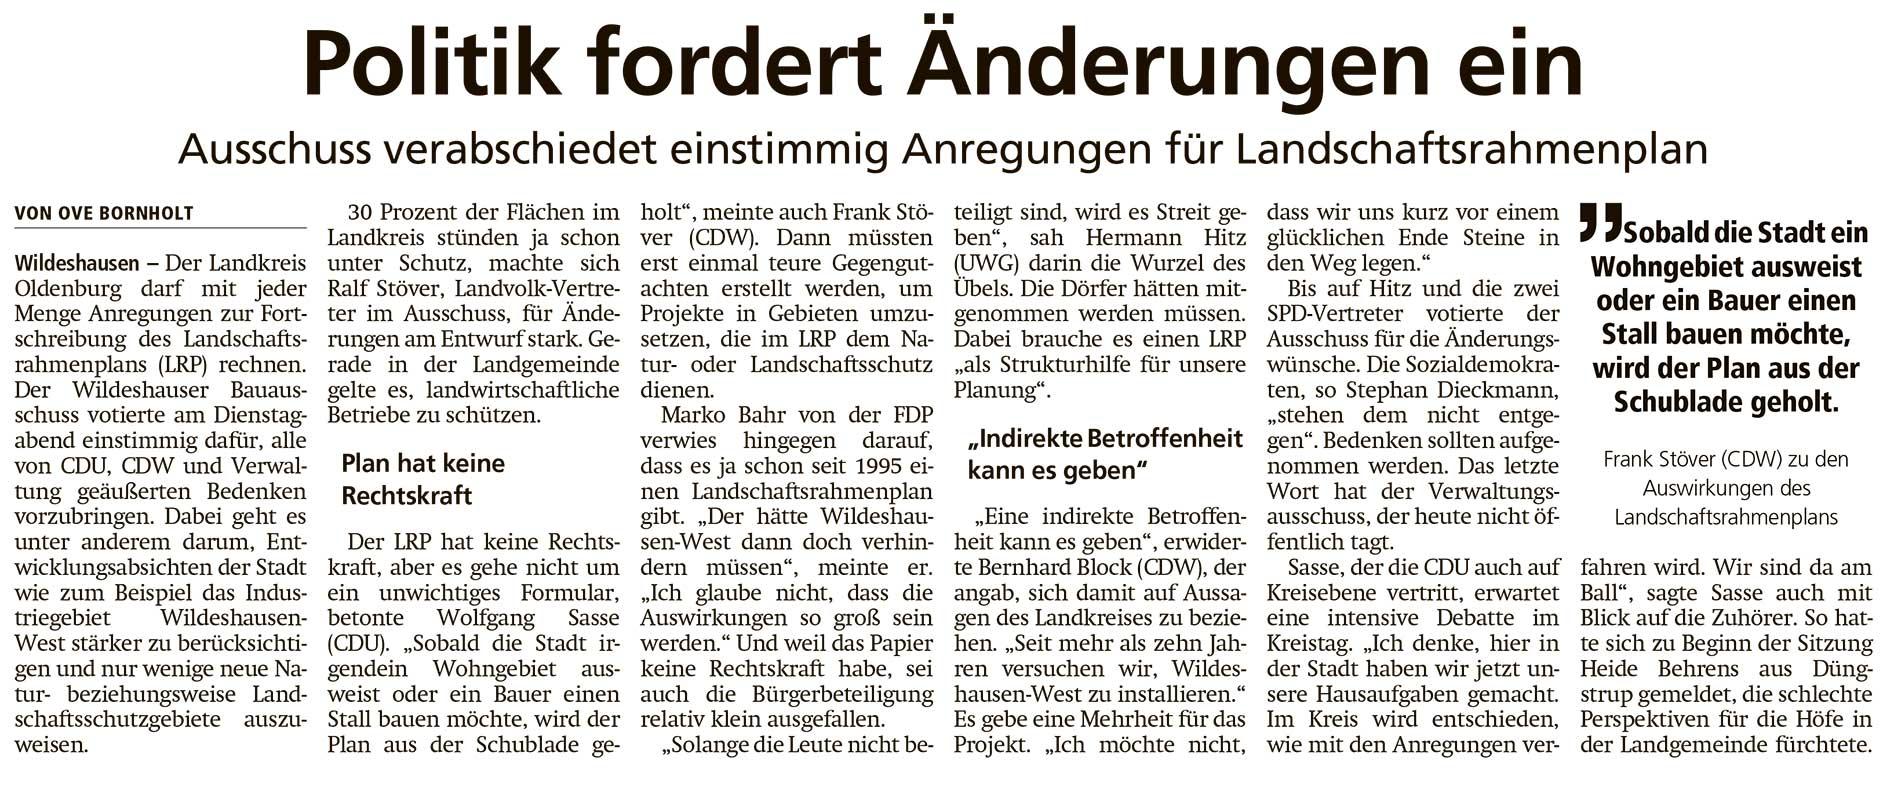 Politik fordert Änderungen einAusschuss verabschiedet einstimmig Anregungen für LandschaftsrahmenplanArtikel vom 03.12.2020 (WZ)